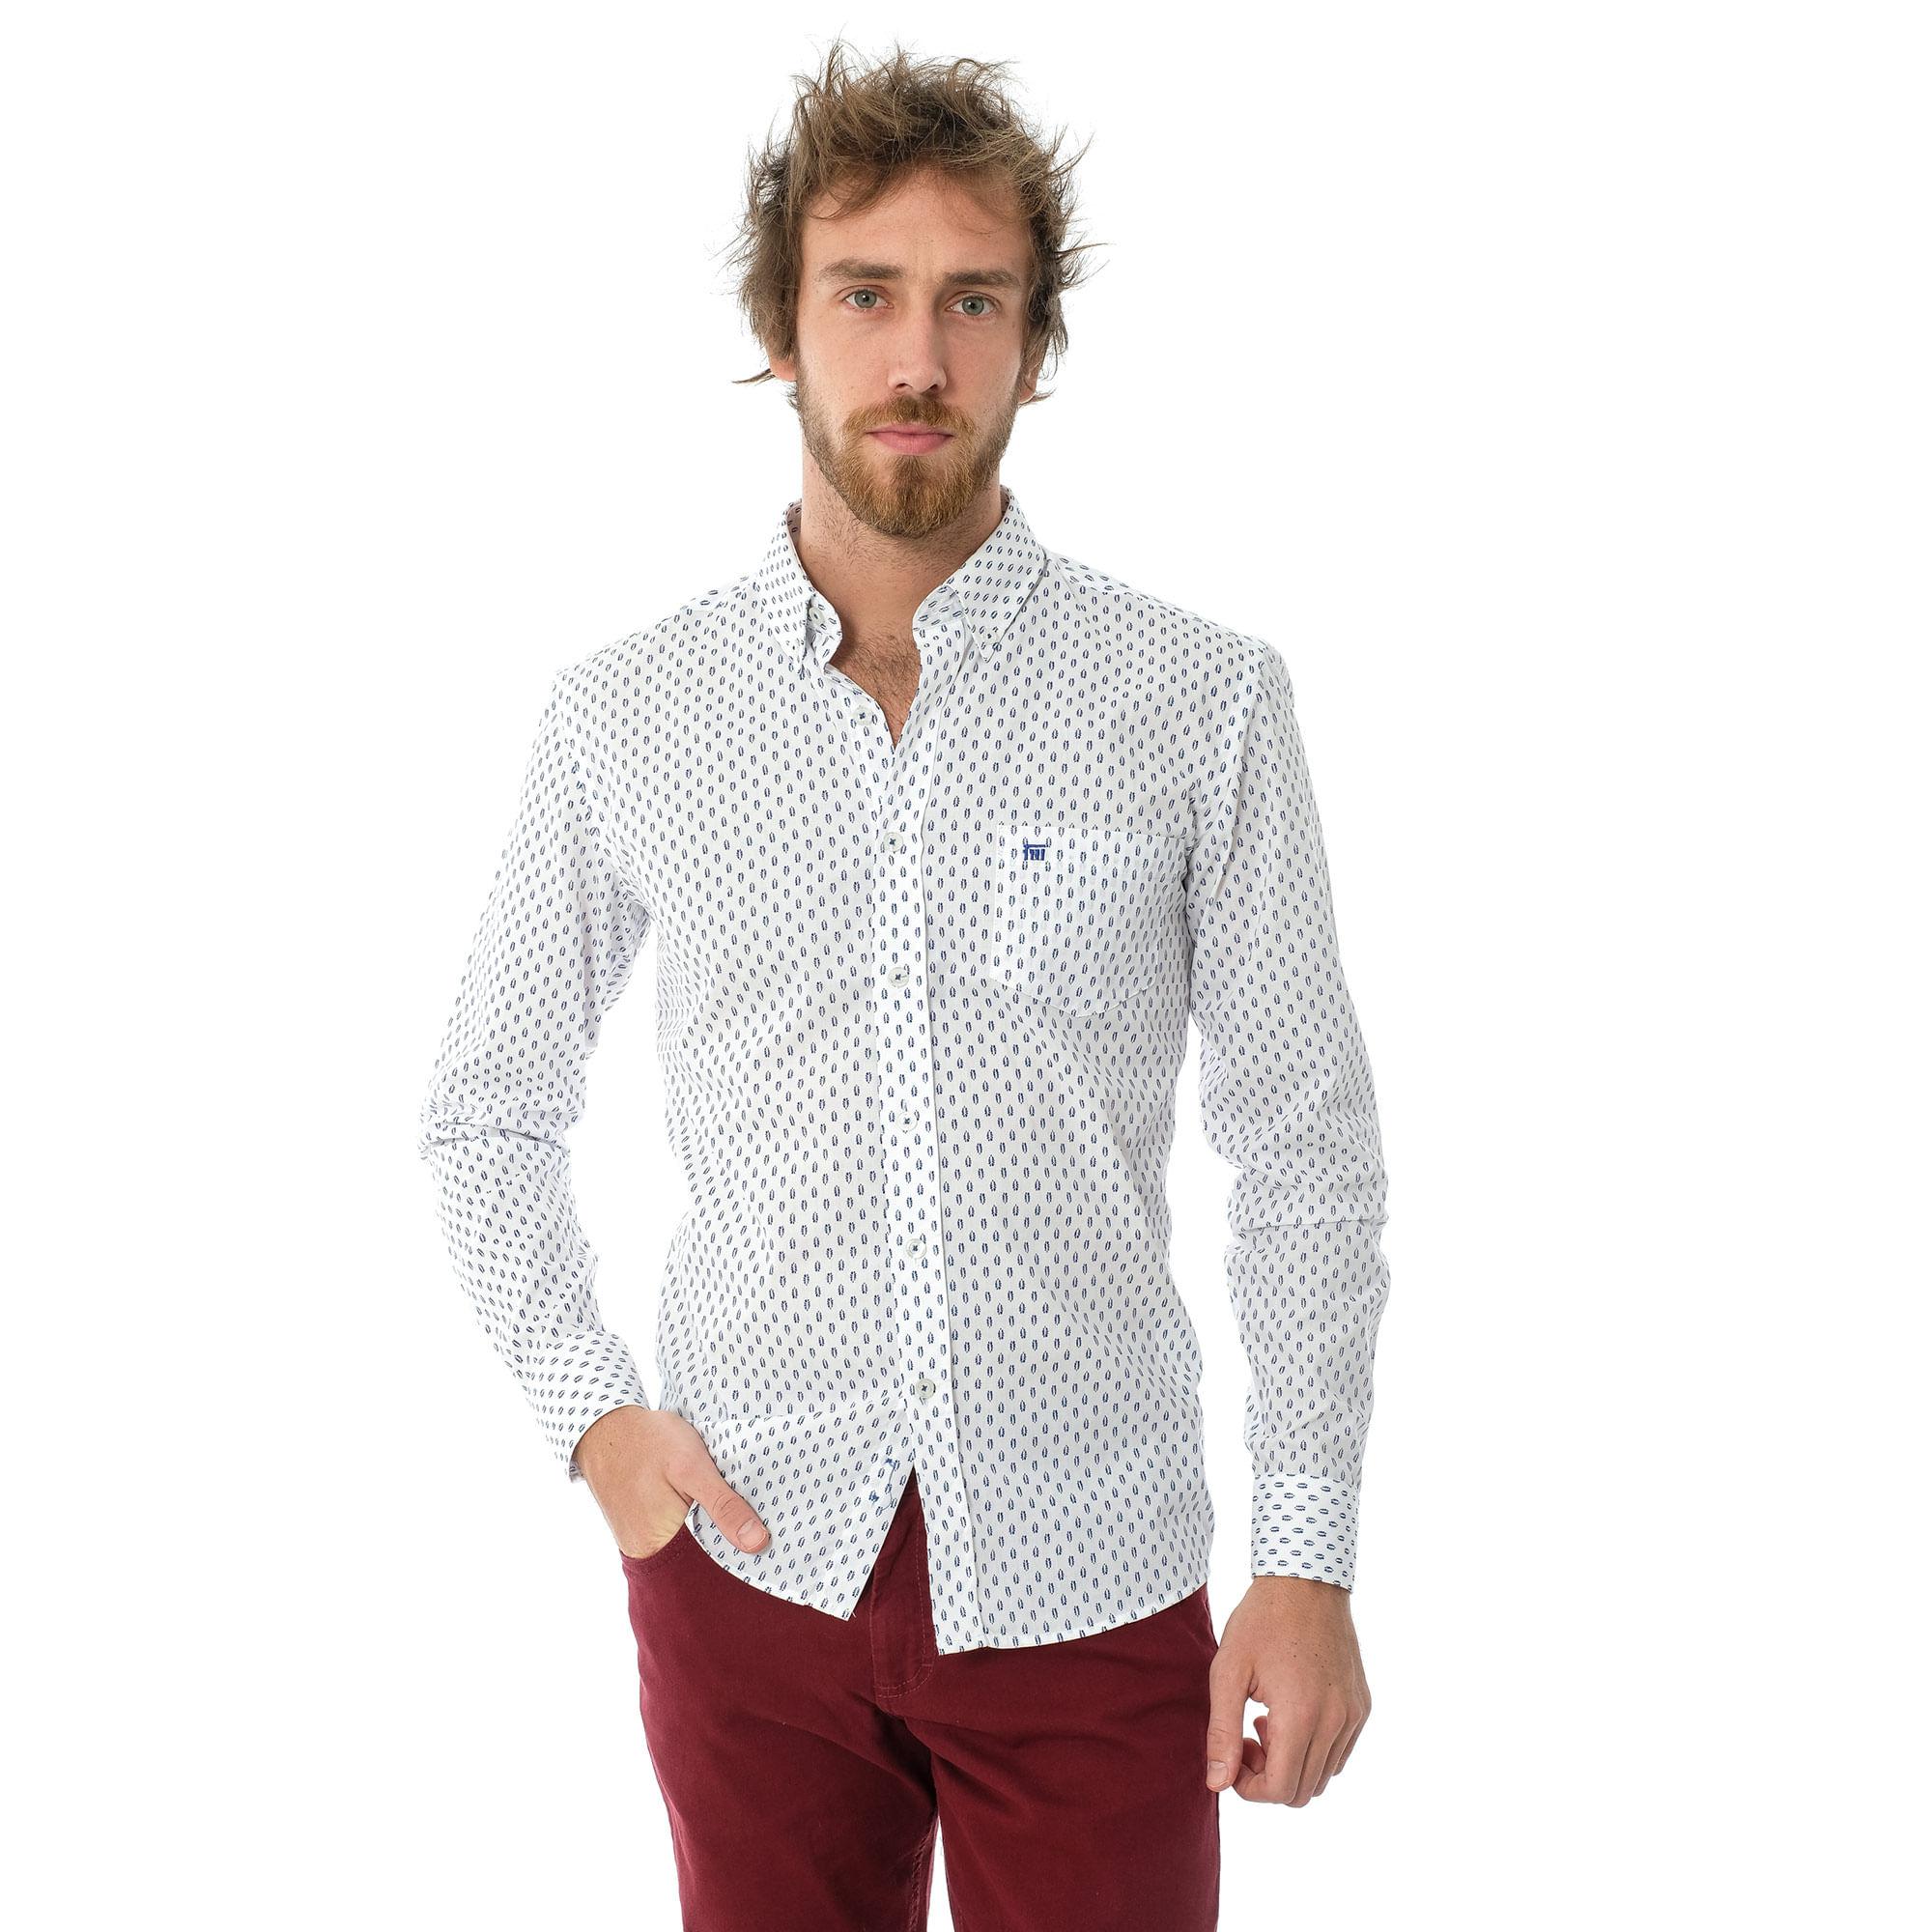 c15323e90 Camisa Social ML Estampada Com Bolso - lojafattoamano